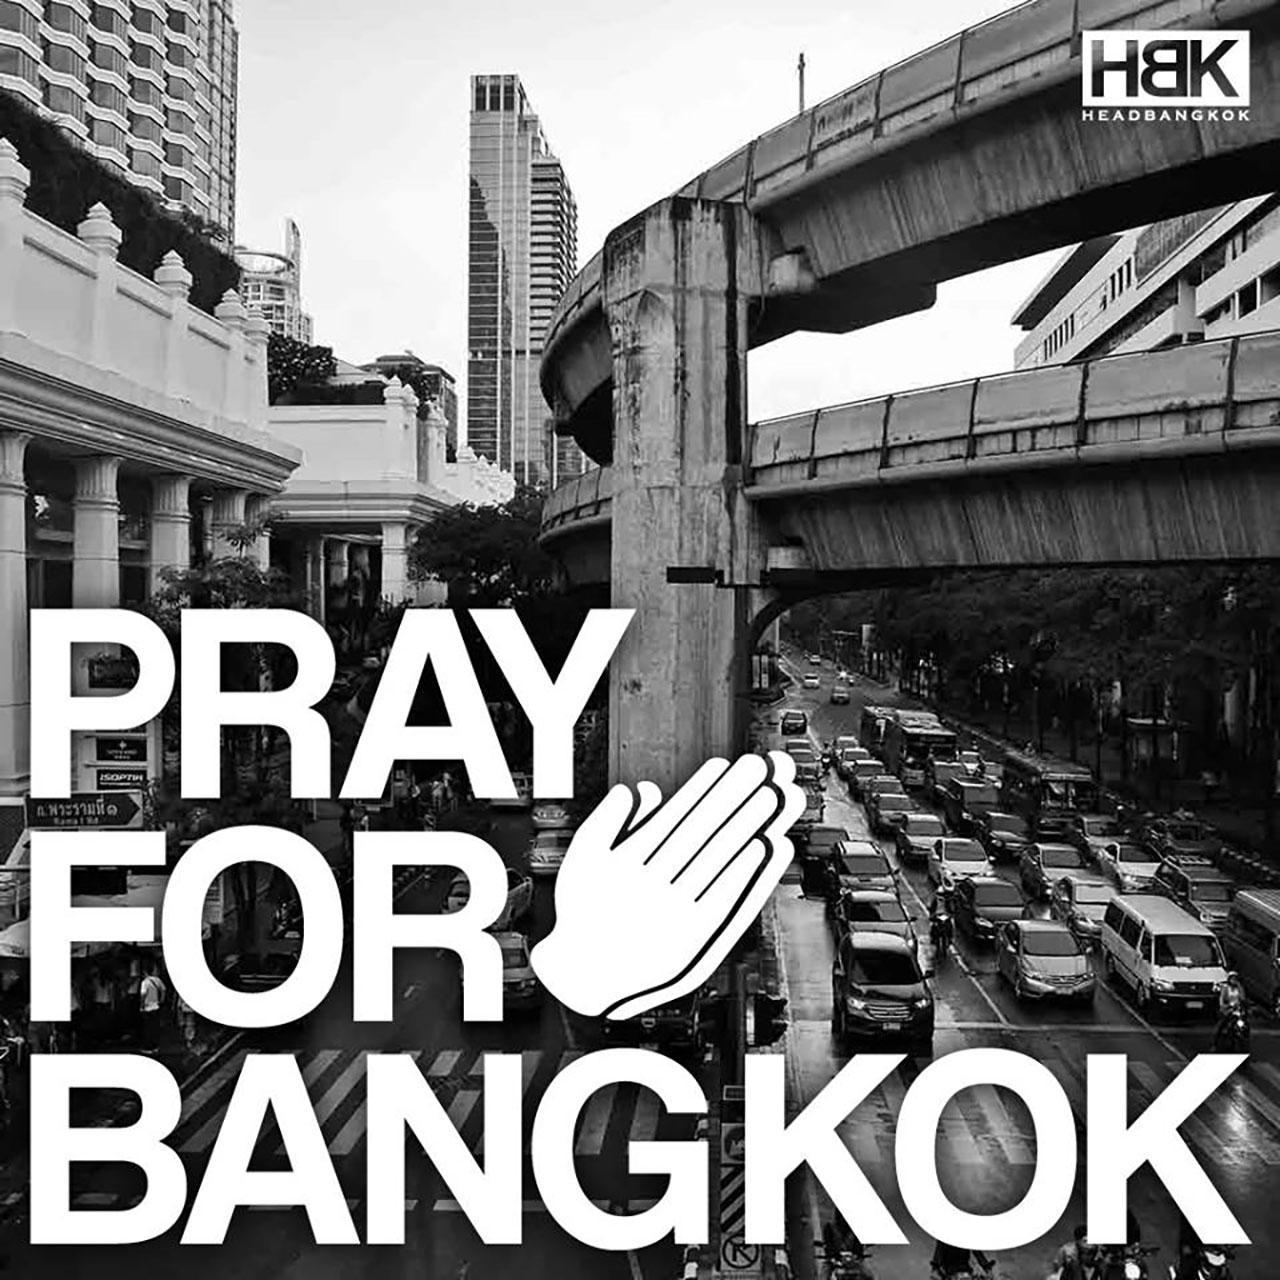 ภาพจาก Headbangkok